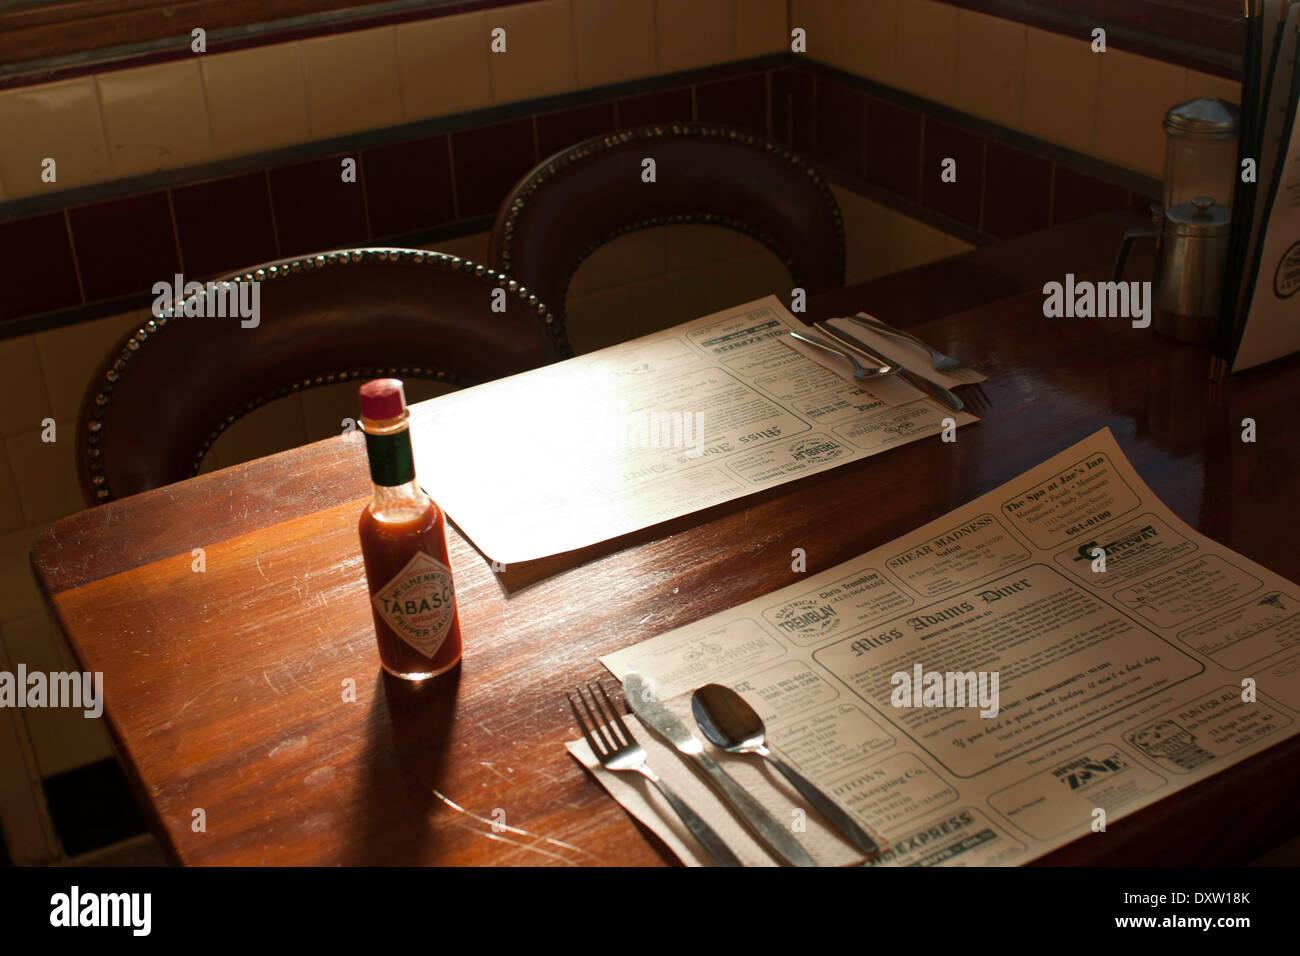 Diner de condiments s'asseoir sur la table dans une petite ville à manger. Sets de publicité des entreprises locales. Photo Stock